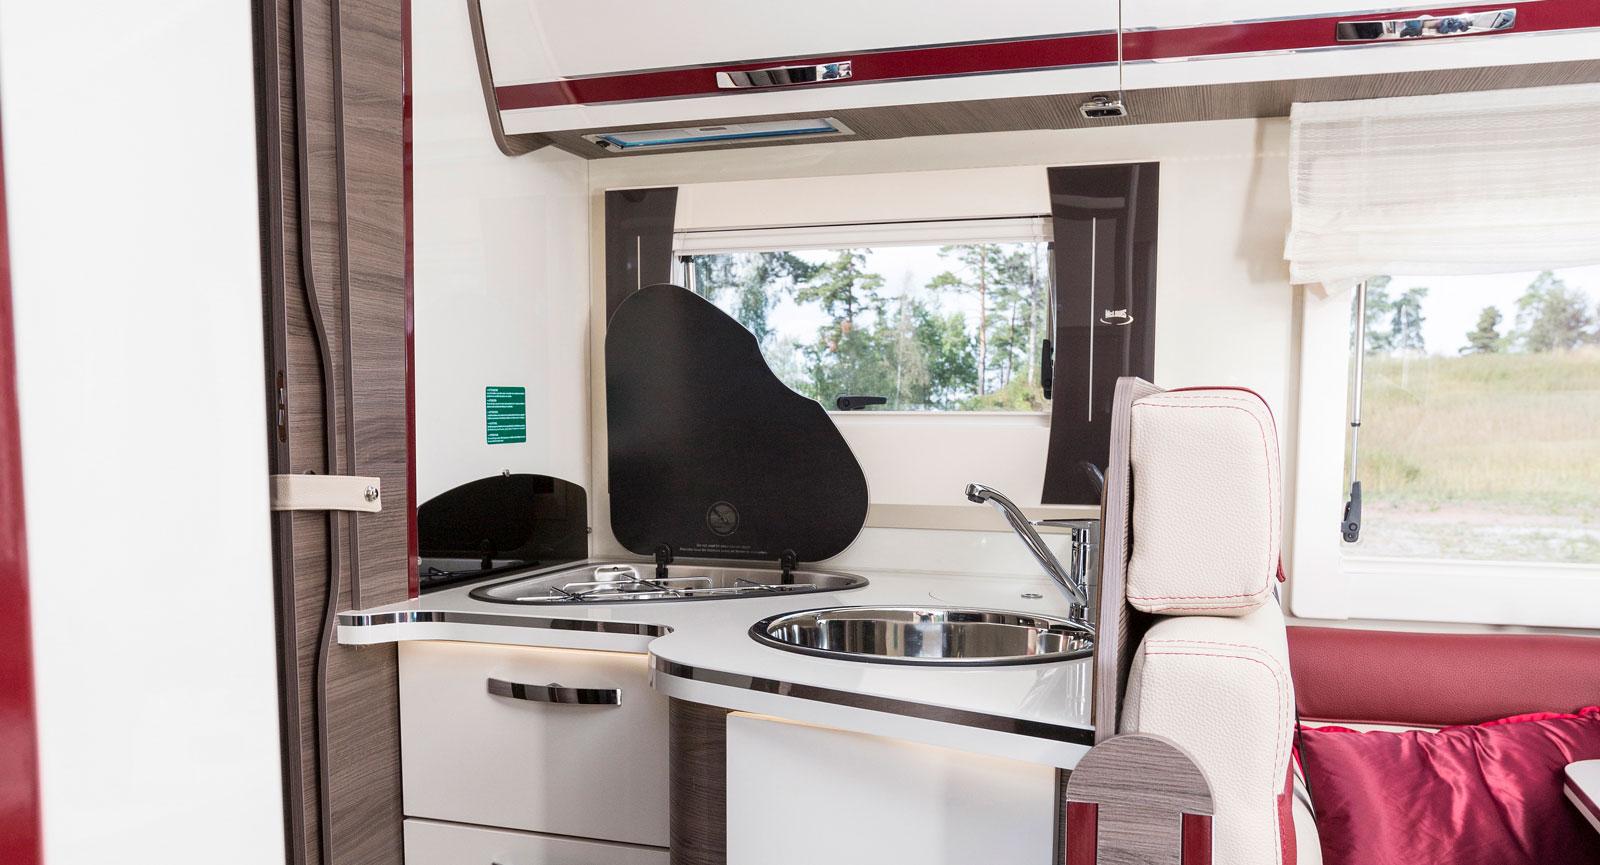 Luckor och lådfronter är glansigt vita vilket gör att köket känns betydligt ljusare och piggare än med mörka träluckor.